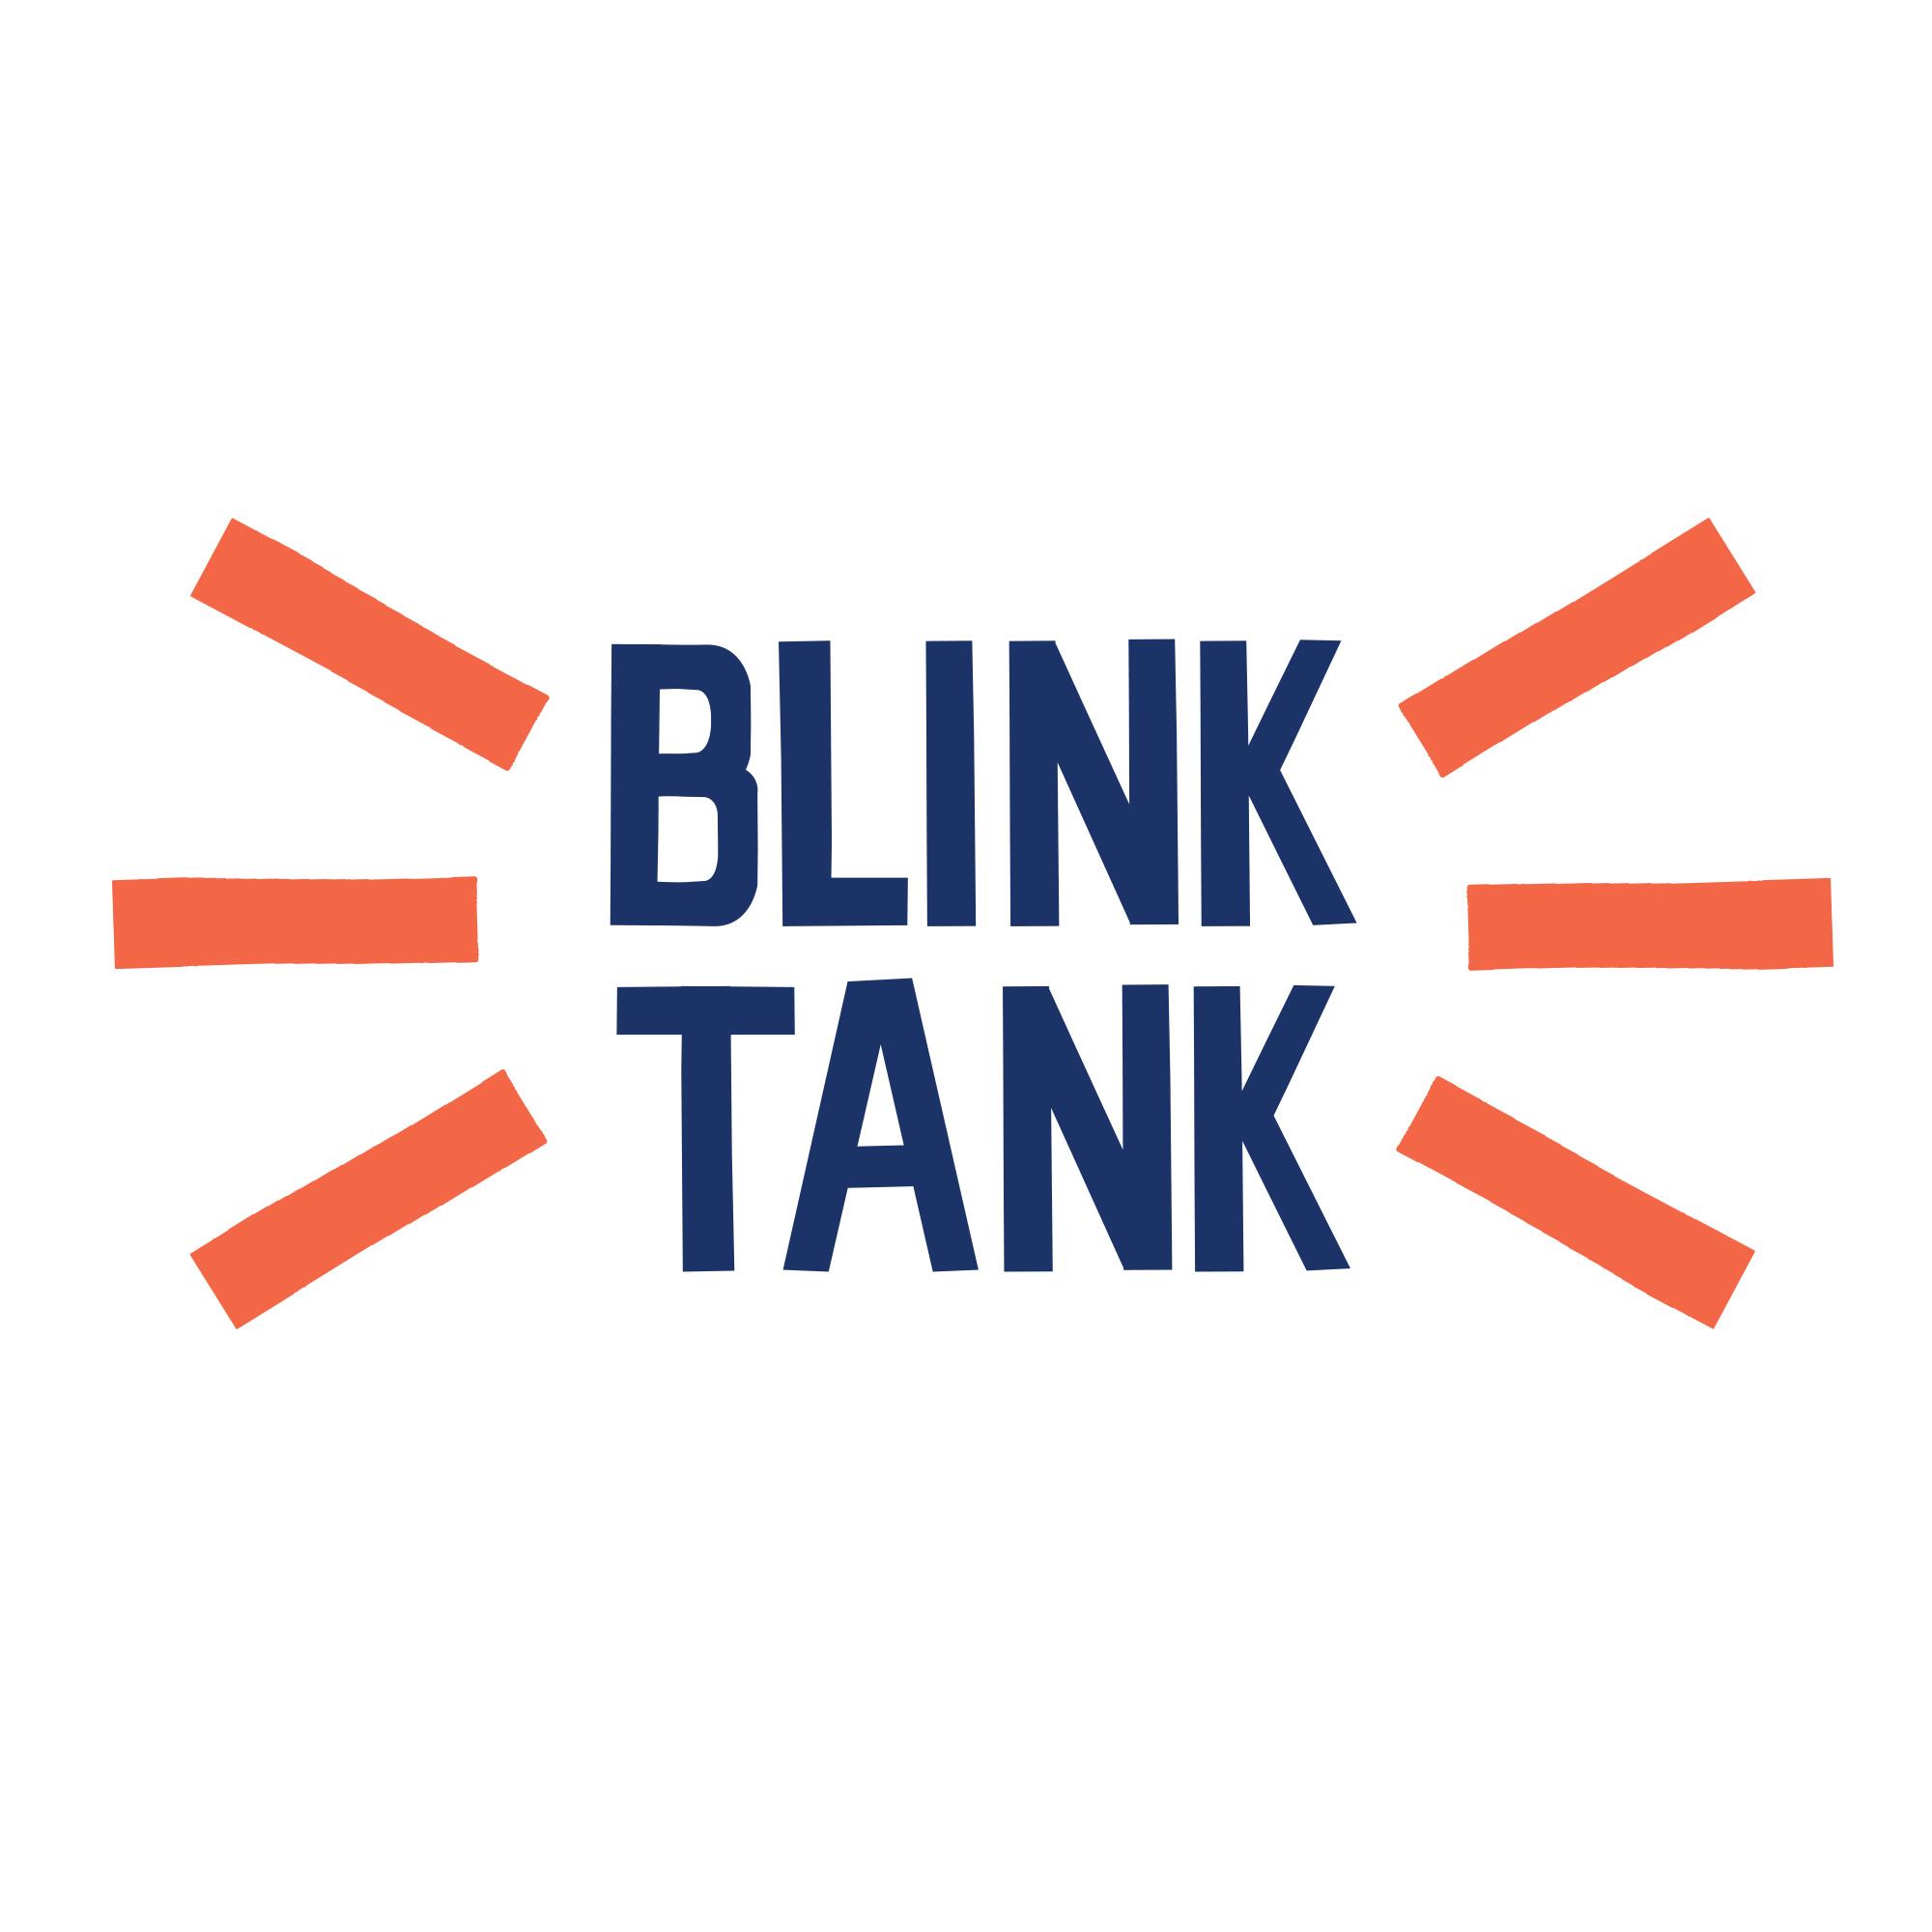 Marcus_Walters_Blink-Tank-1.jpg